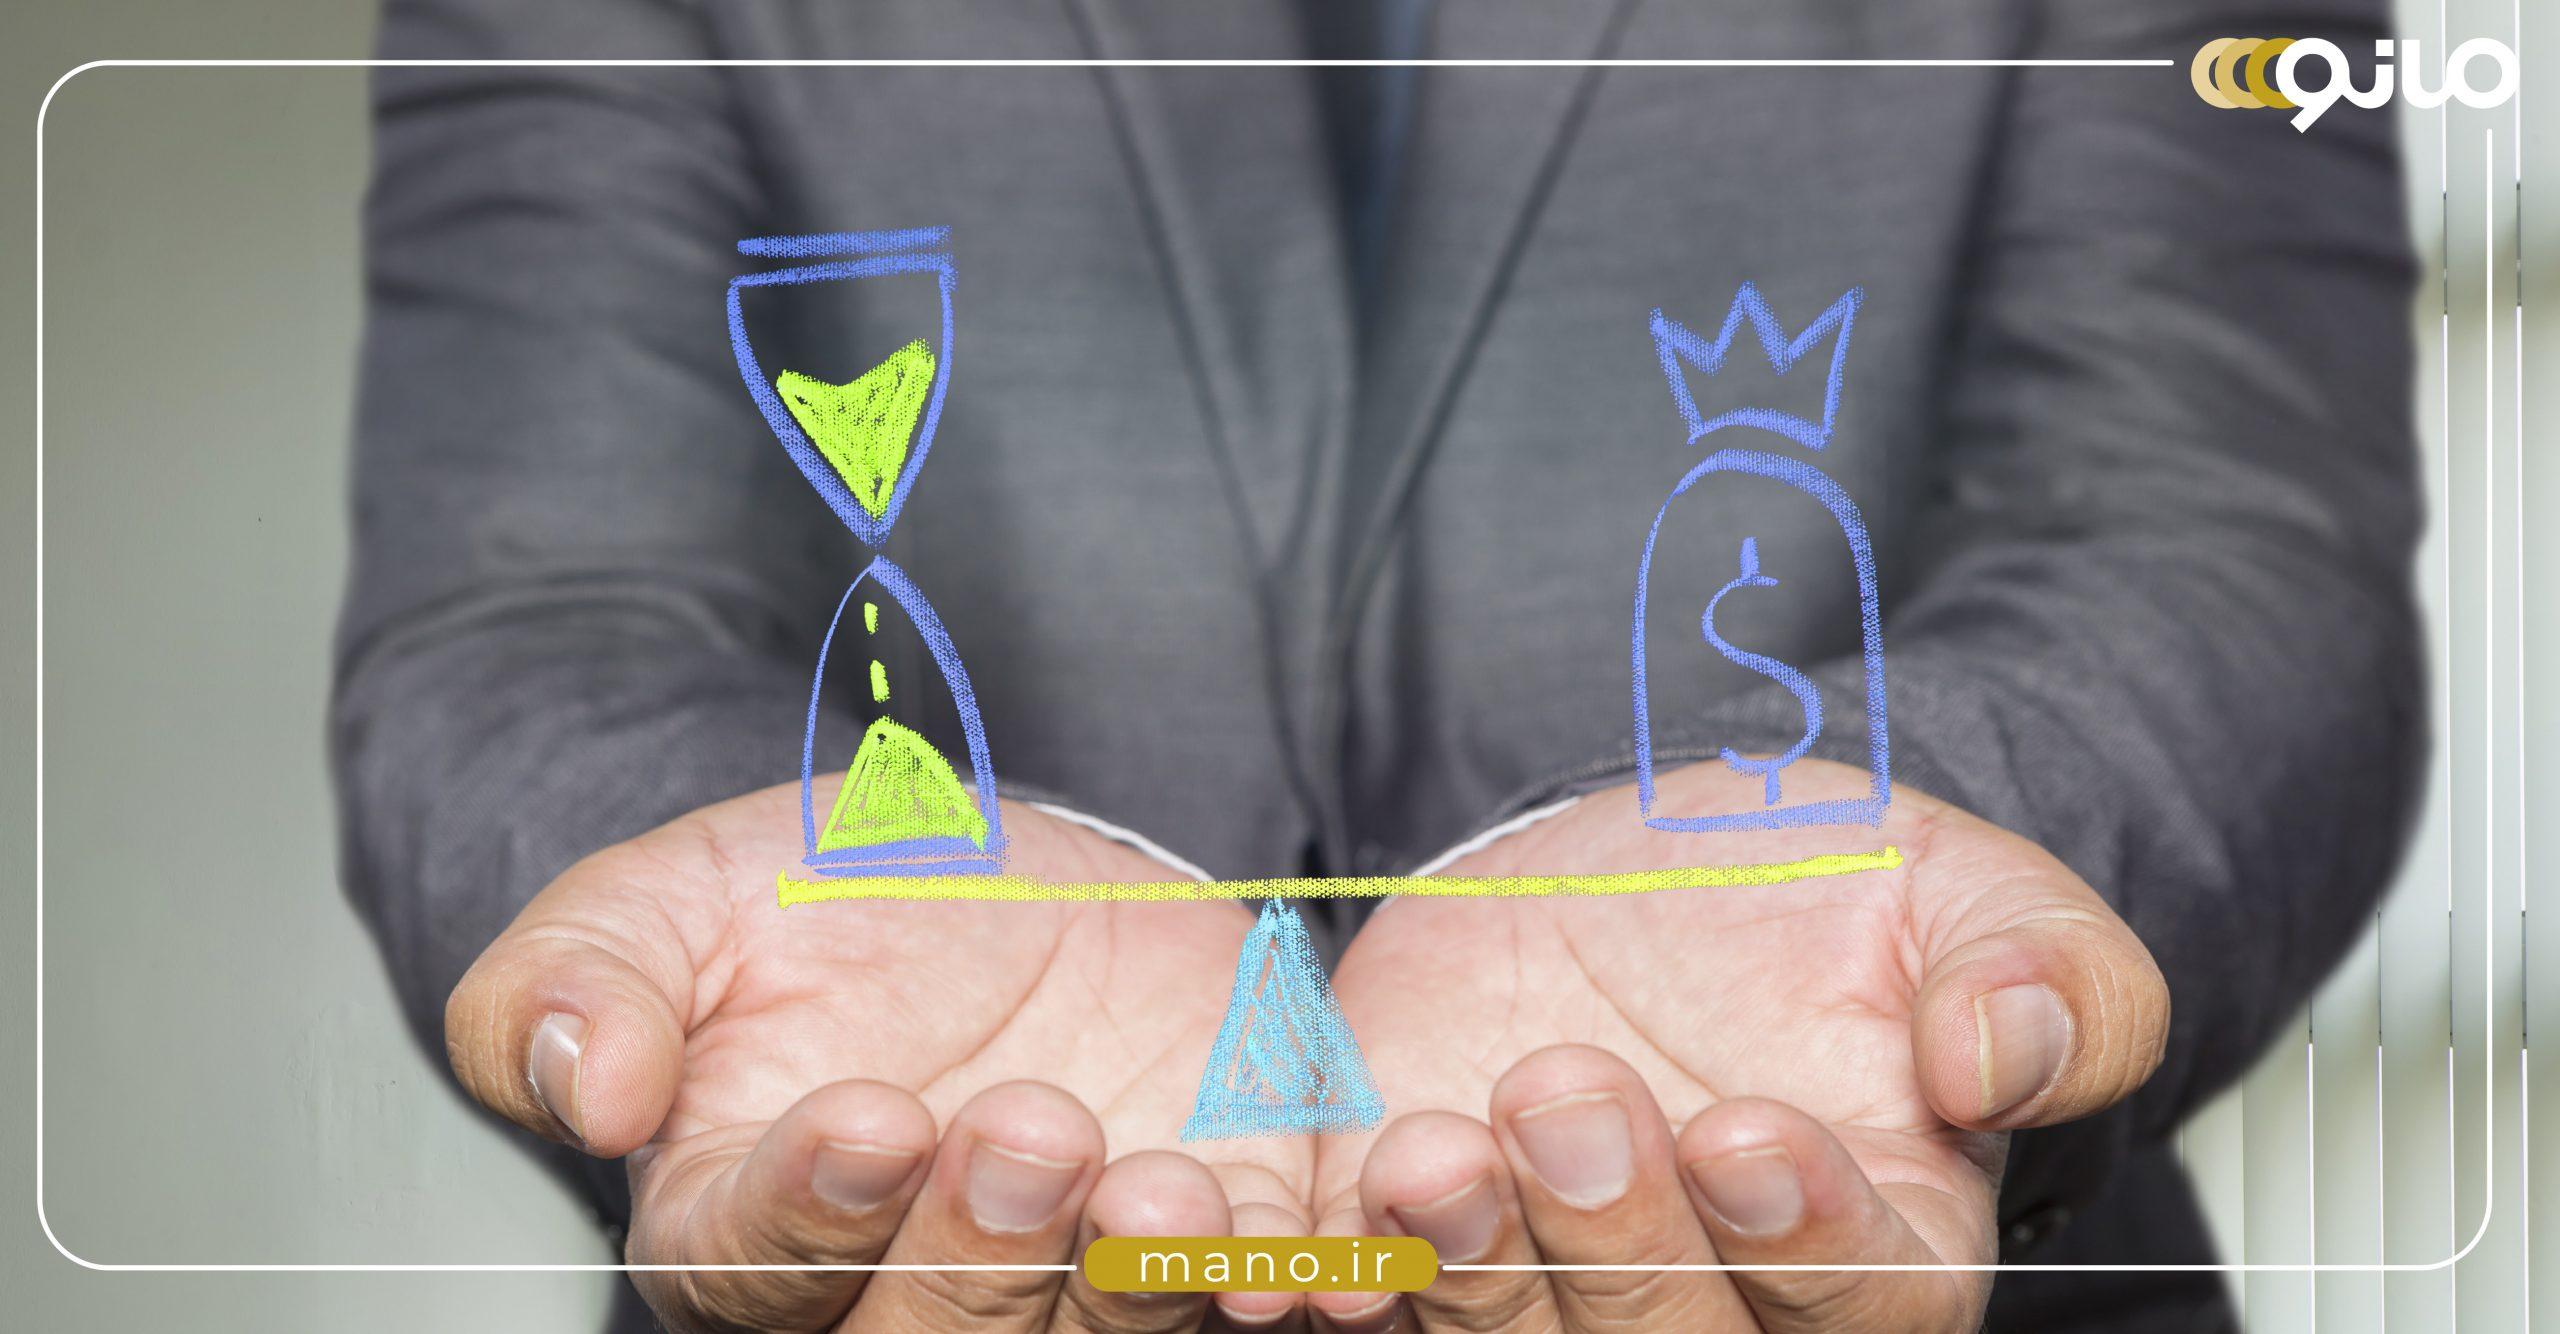 هزینه فرصت فاکتوری مهم برای تصمیم گیری های اقتصادی